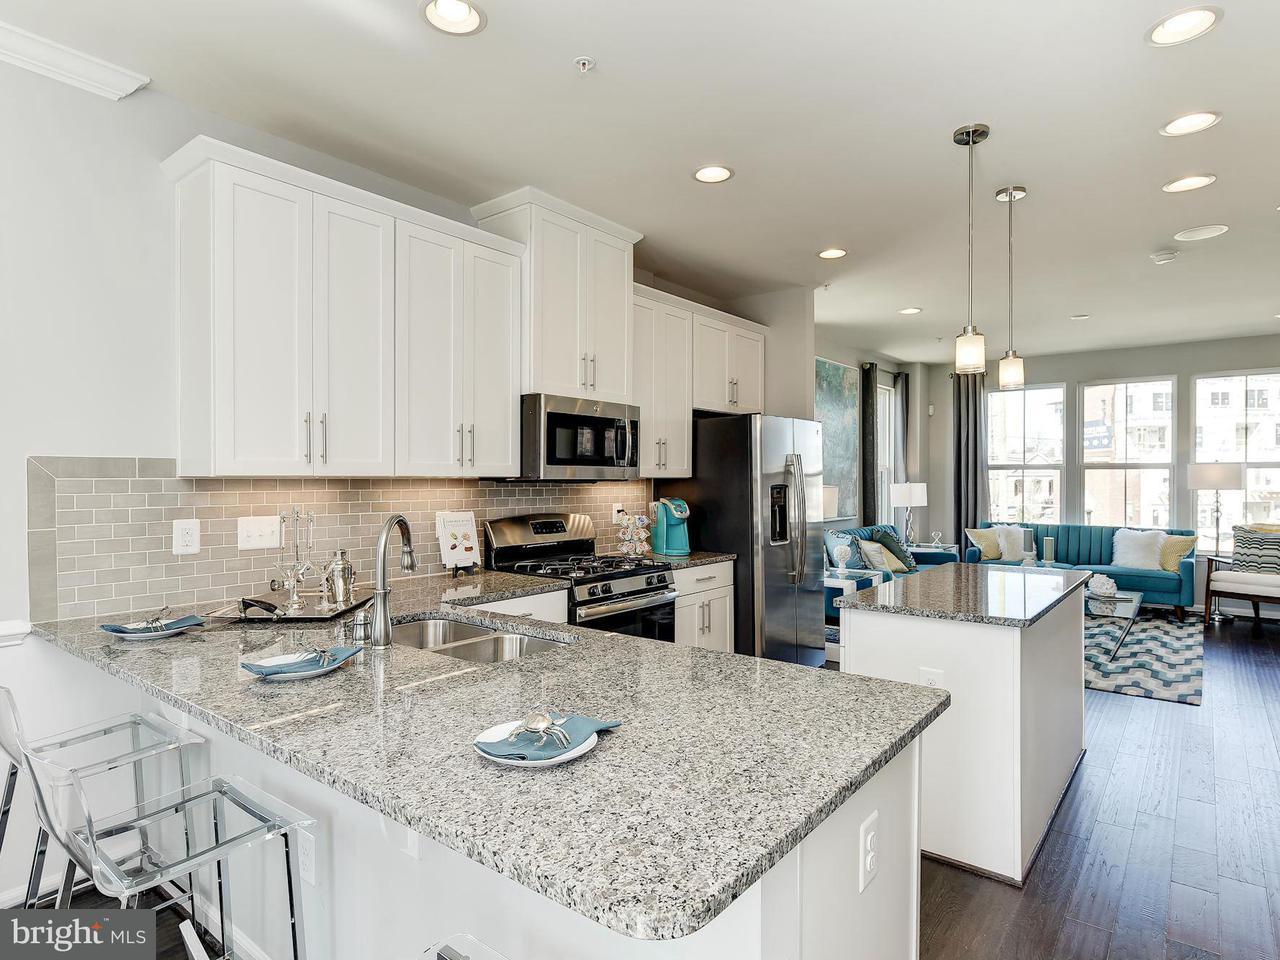 Additional photo for property listing at 3641 JAMISON ST NE 3641 JAMISON ST NE Washington, District Of Columbia 20018 United States